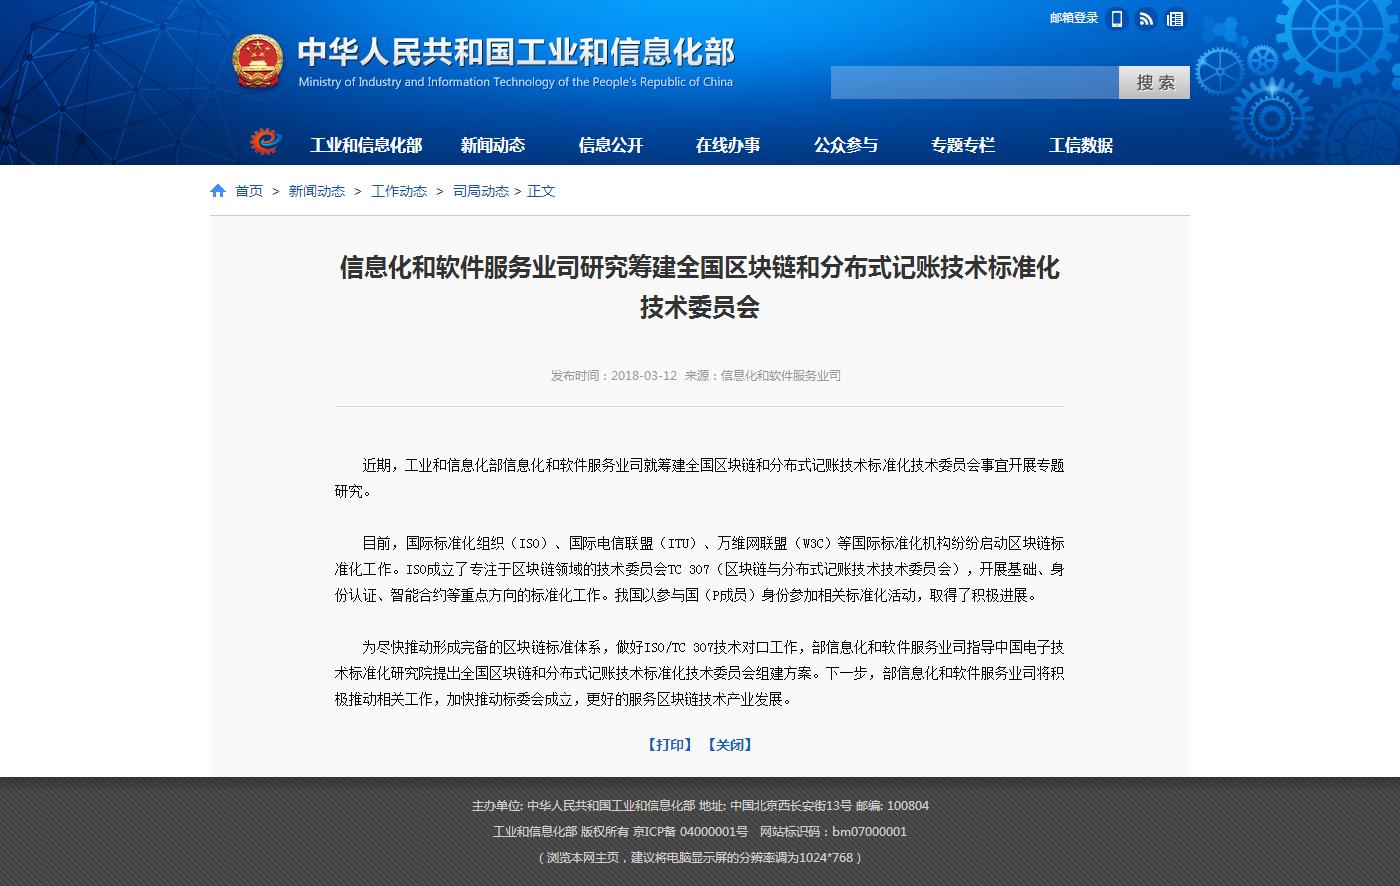 工信部将筹建区块链技术标准化技术委员会